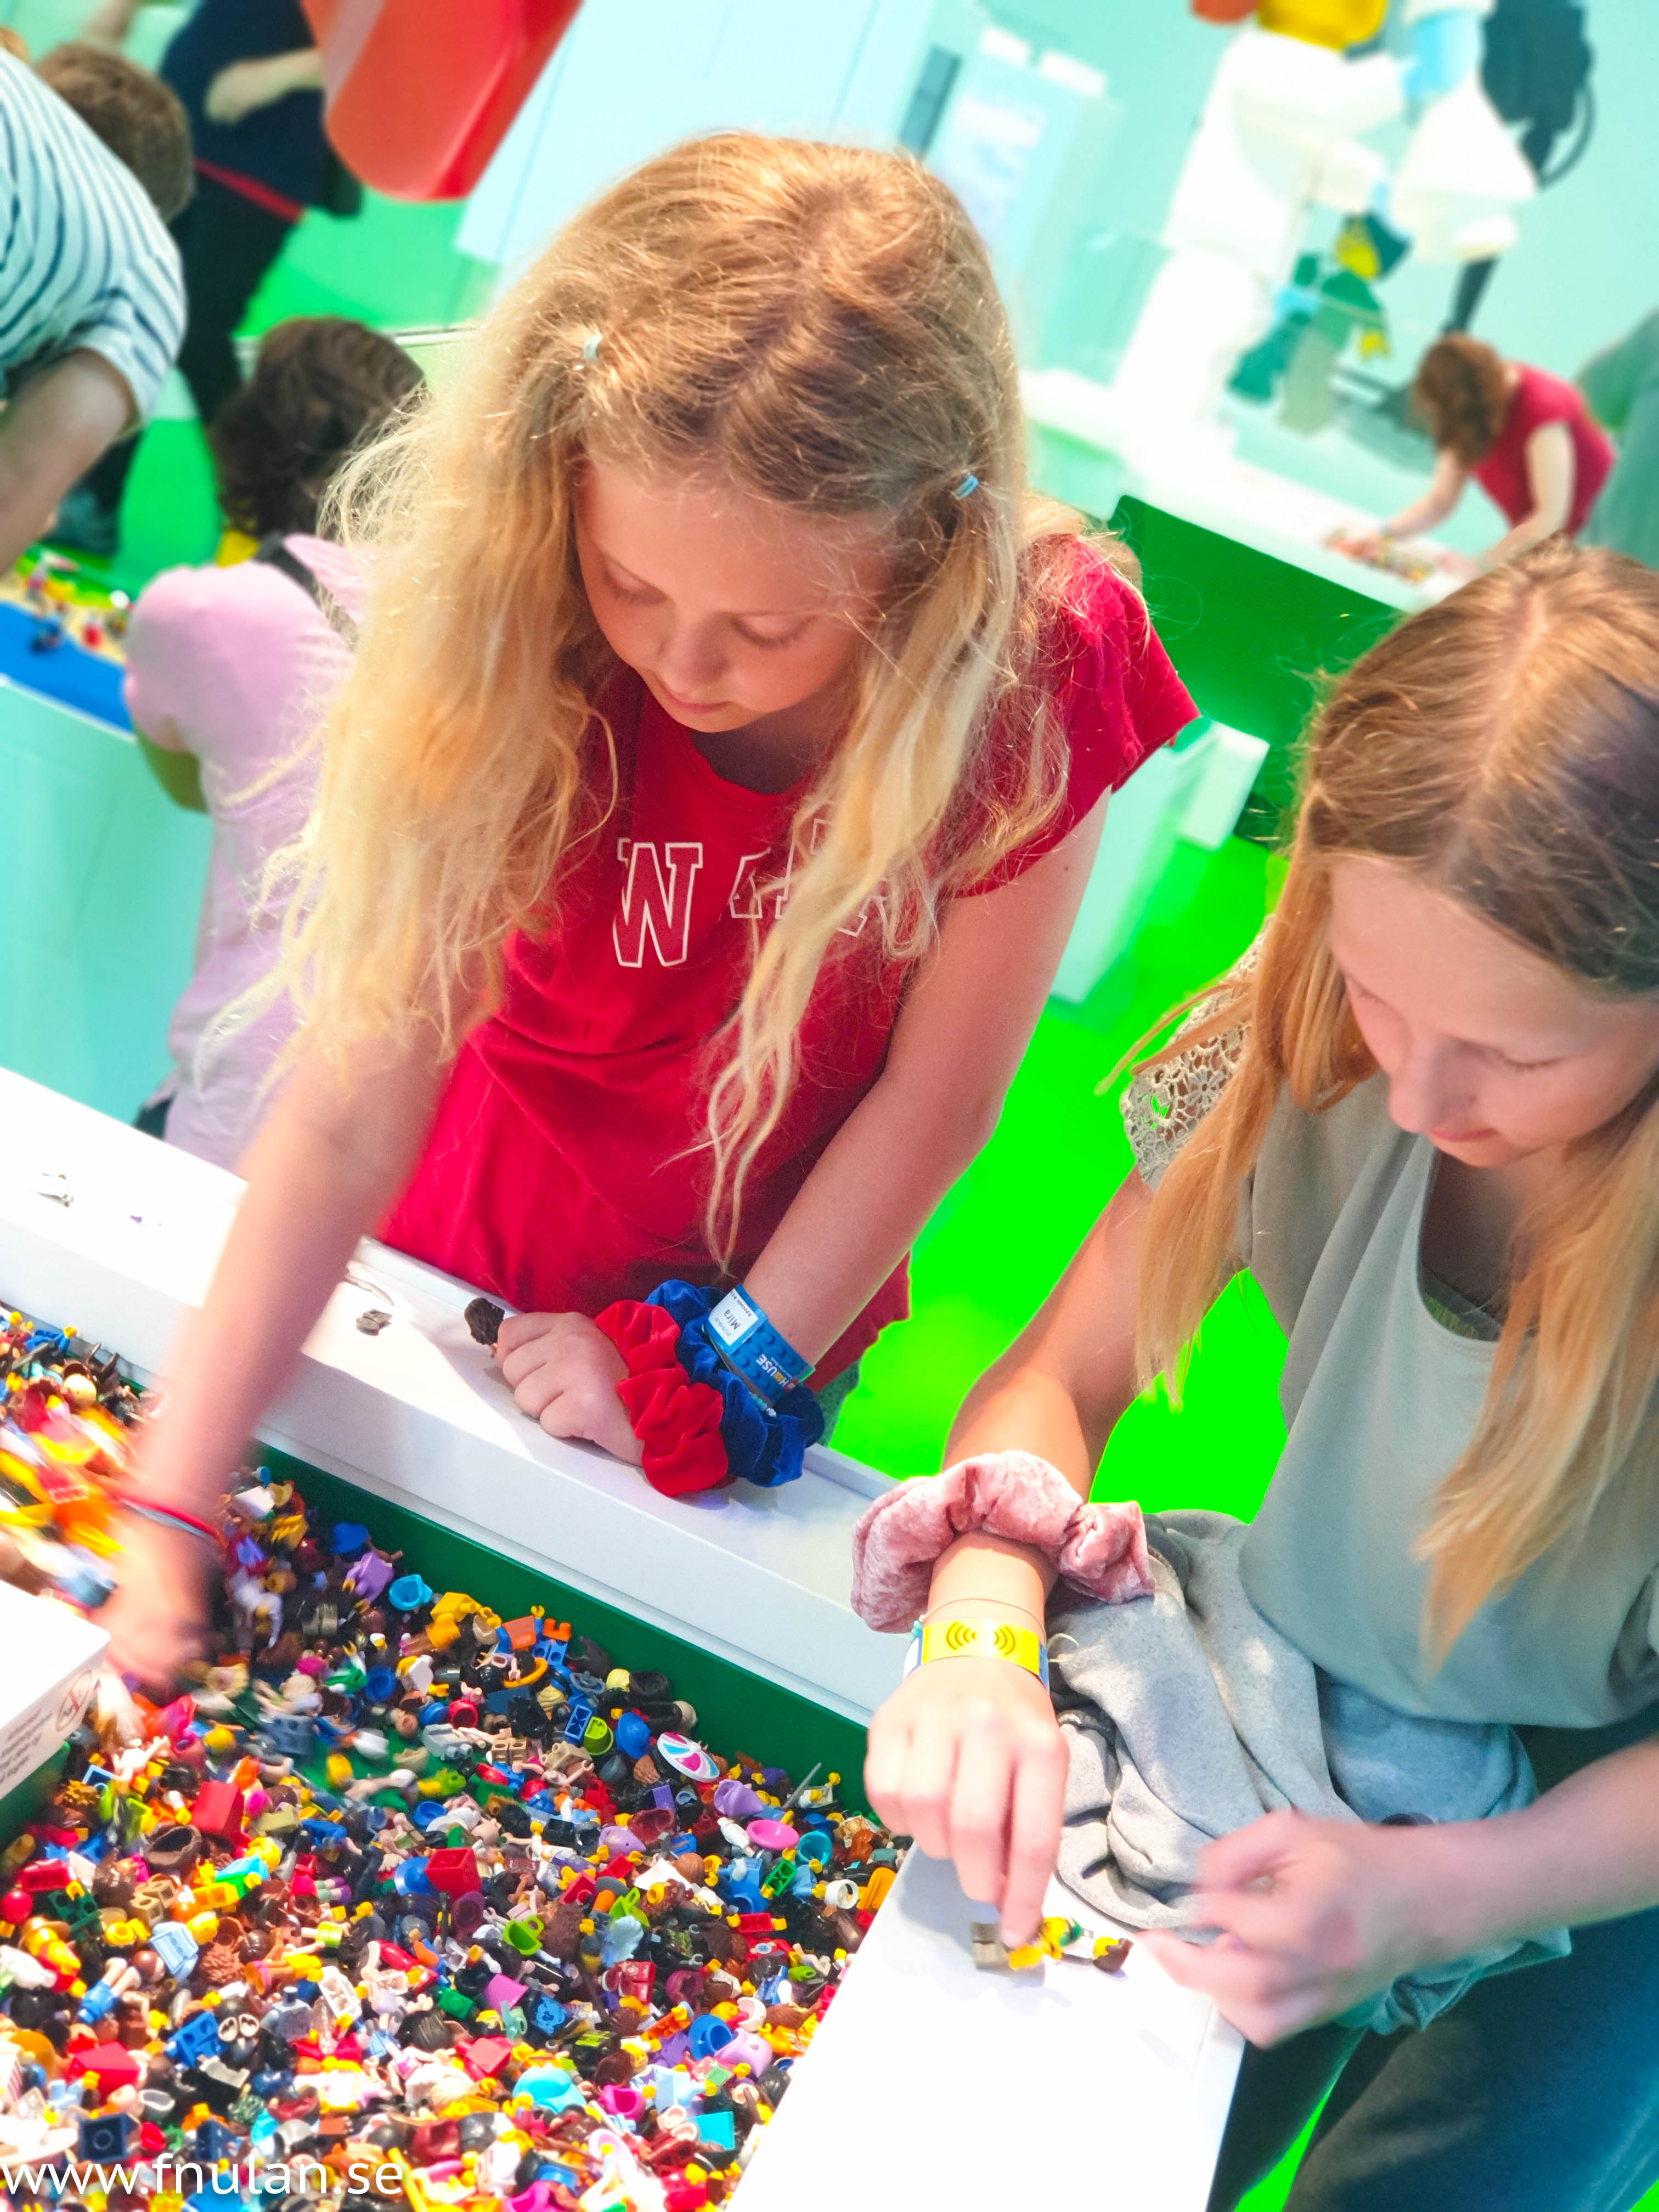 Legohouse-5